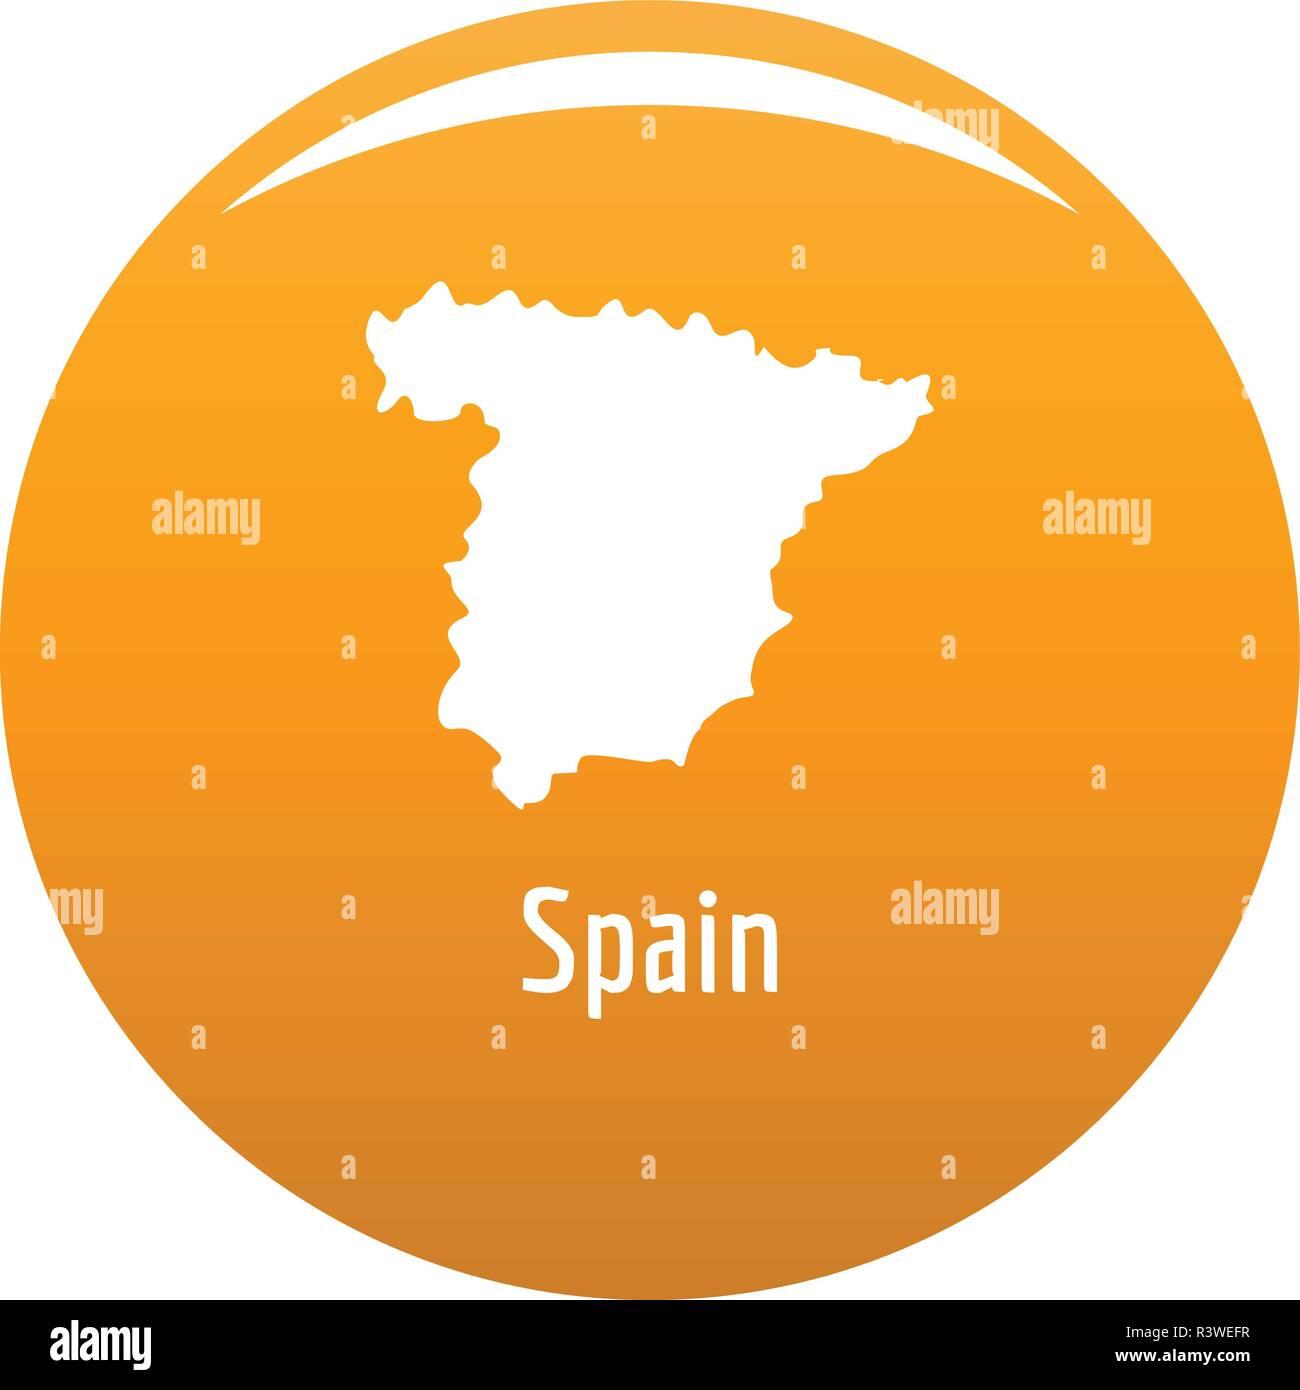 Spanien Karte Schwarz Weiß.Spanien Karte In Schwarz Einfache Abbildung Spanien Karte Vektor